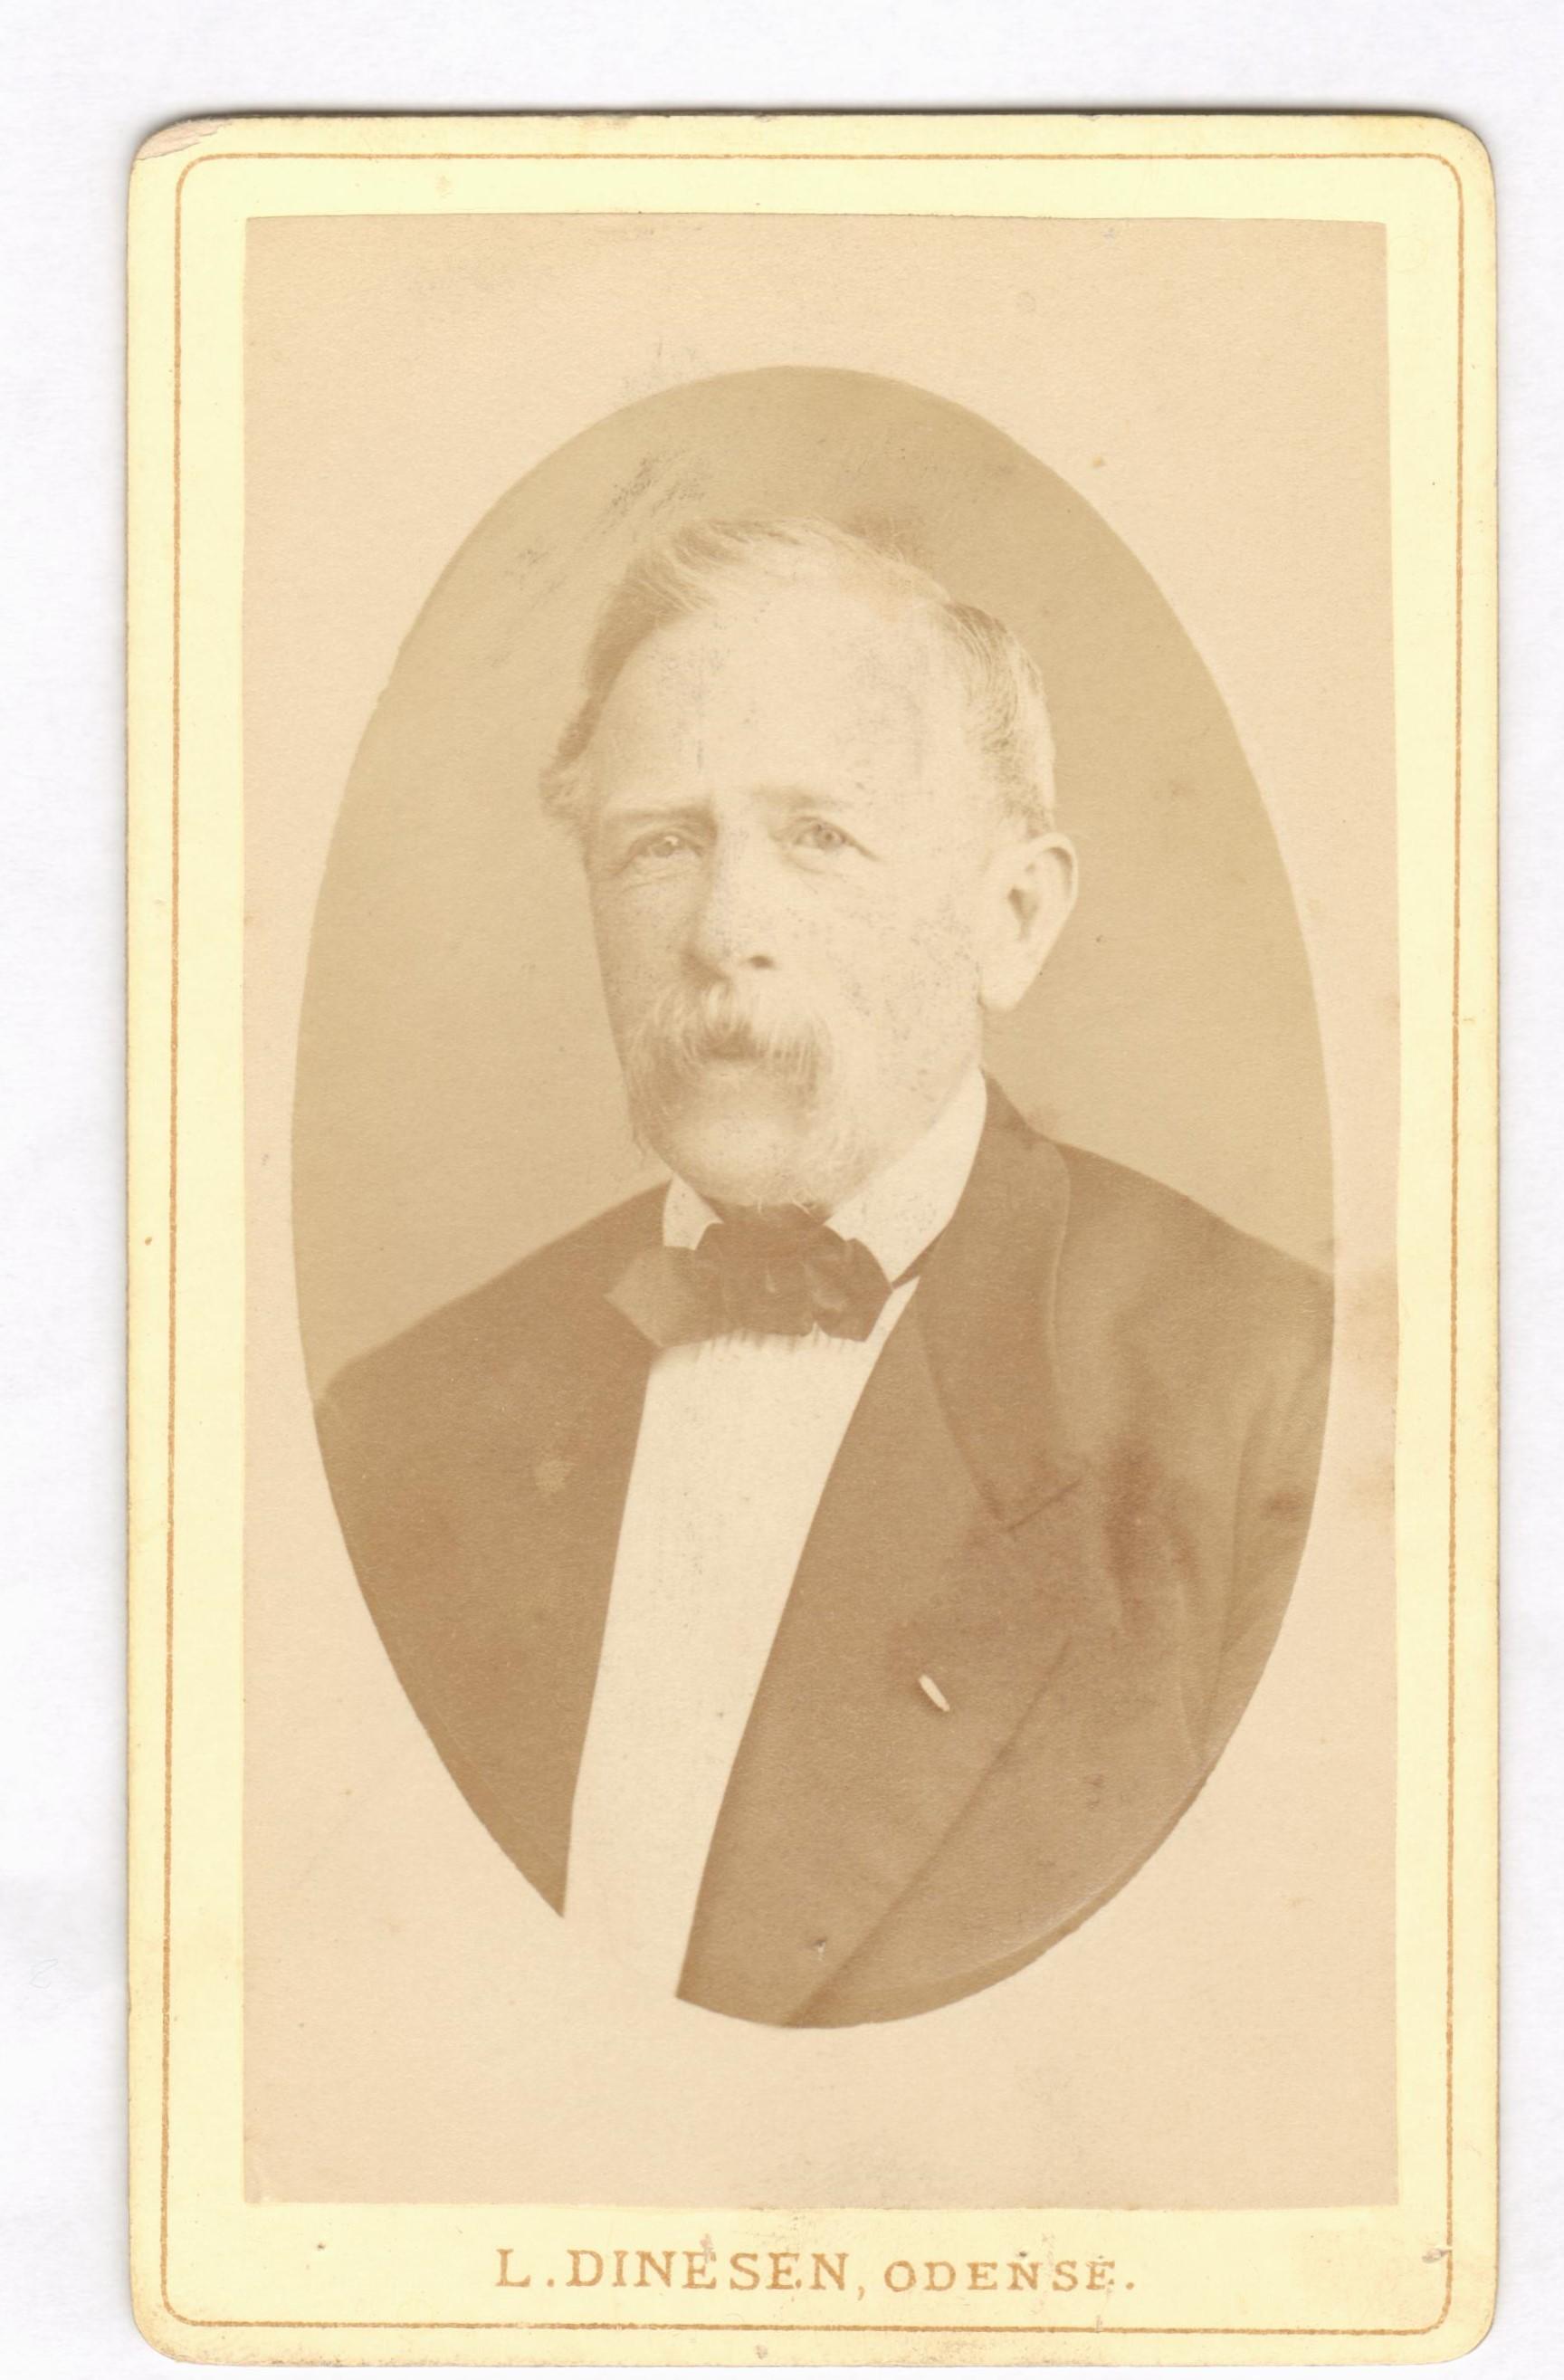 75.71  Jacob Lytzen 1818-1904 officer, kammerjunker, ritmester.  Bror til Charlotte Albeck, f. Lytzen.  Fotograf L. Dinesen, Overgade 11, Odense